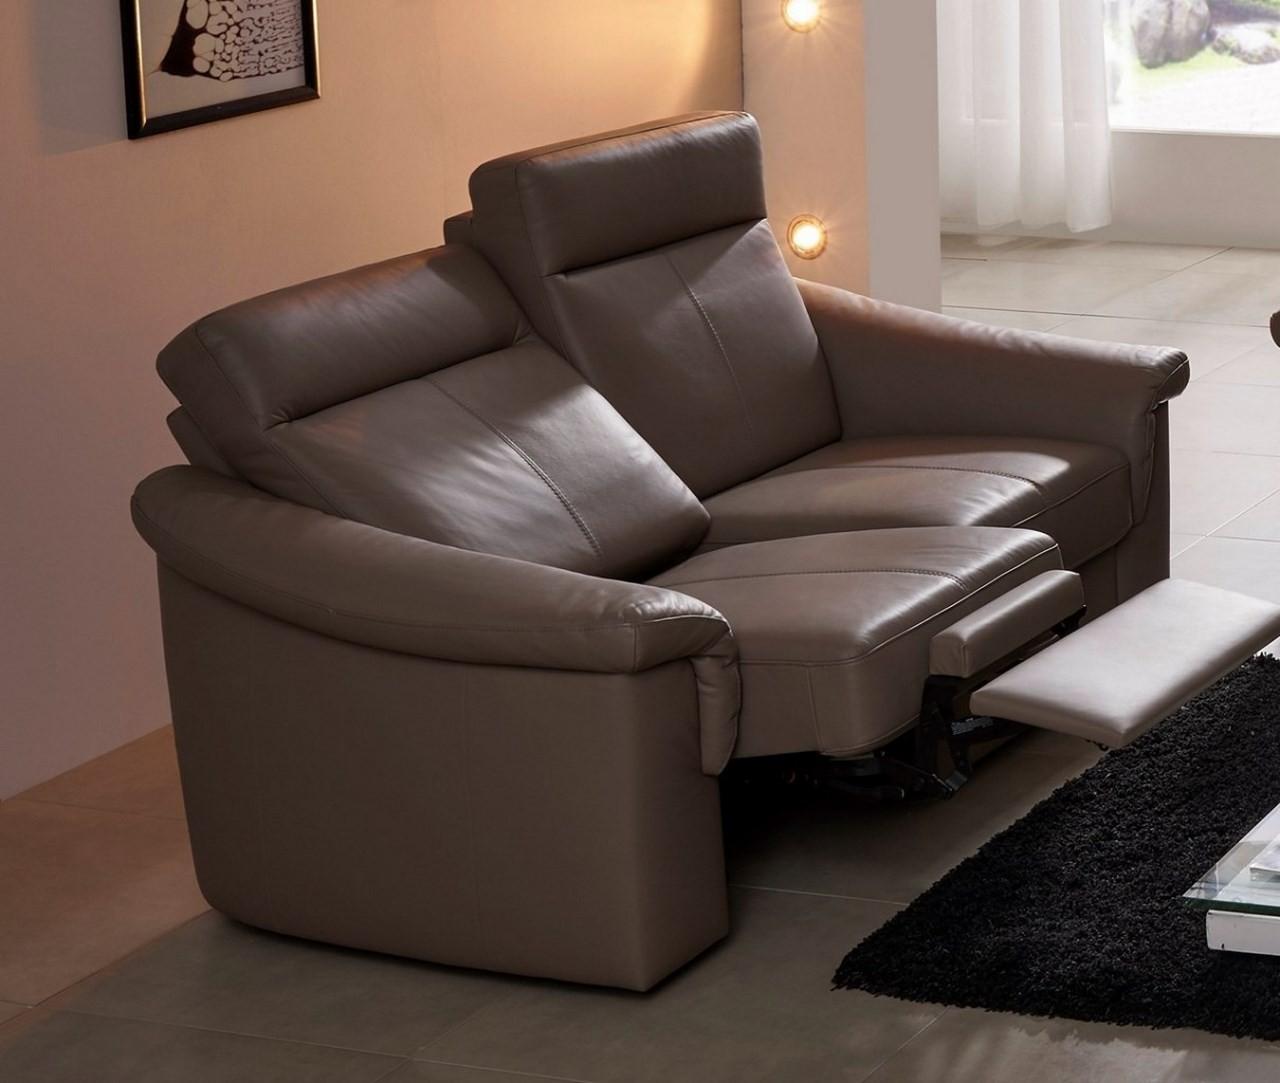 petit canape relax electique cuir ou tissu 2 places johnjohn Résultat Supérieur 48 Meilleur De Canape De Relaxation Cuir Image 2017 Zzt4